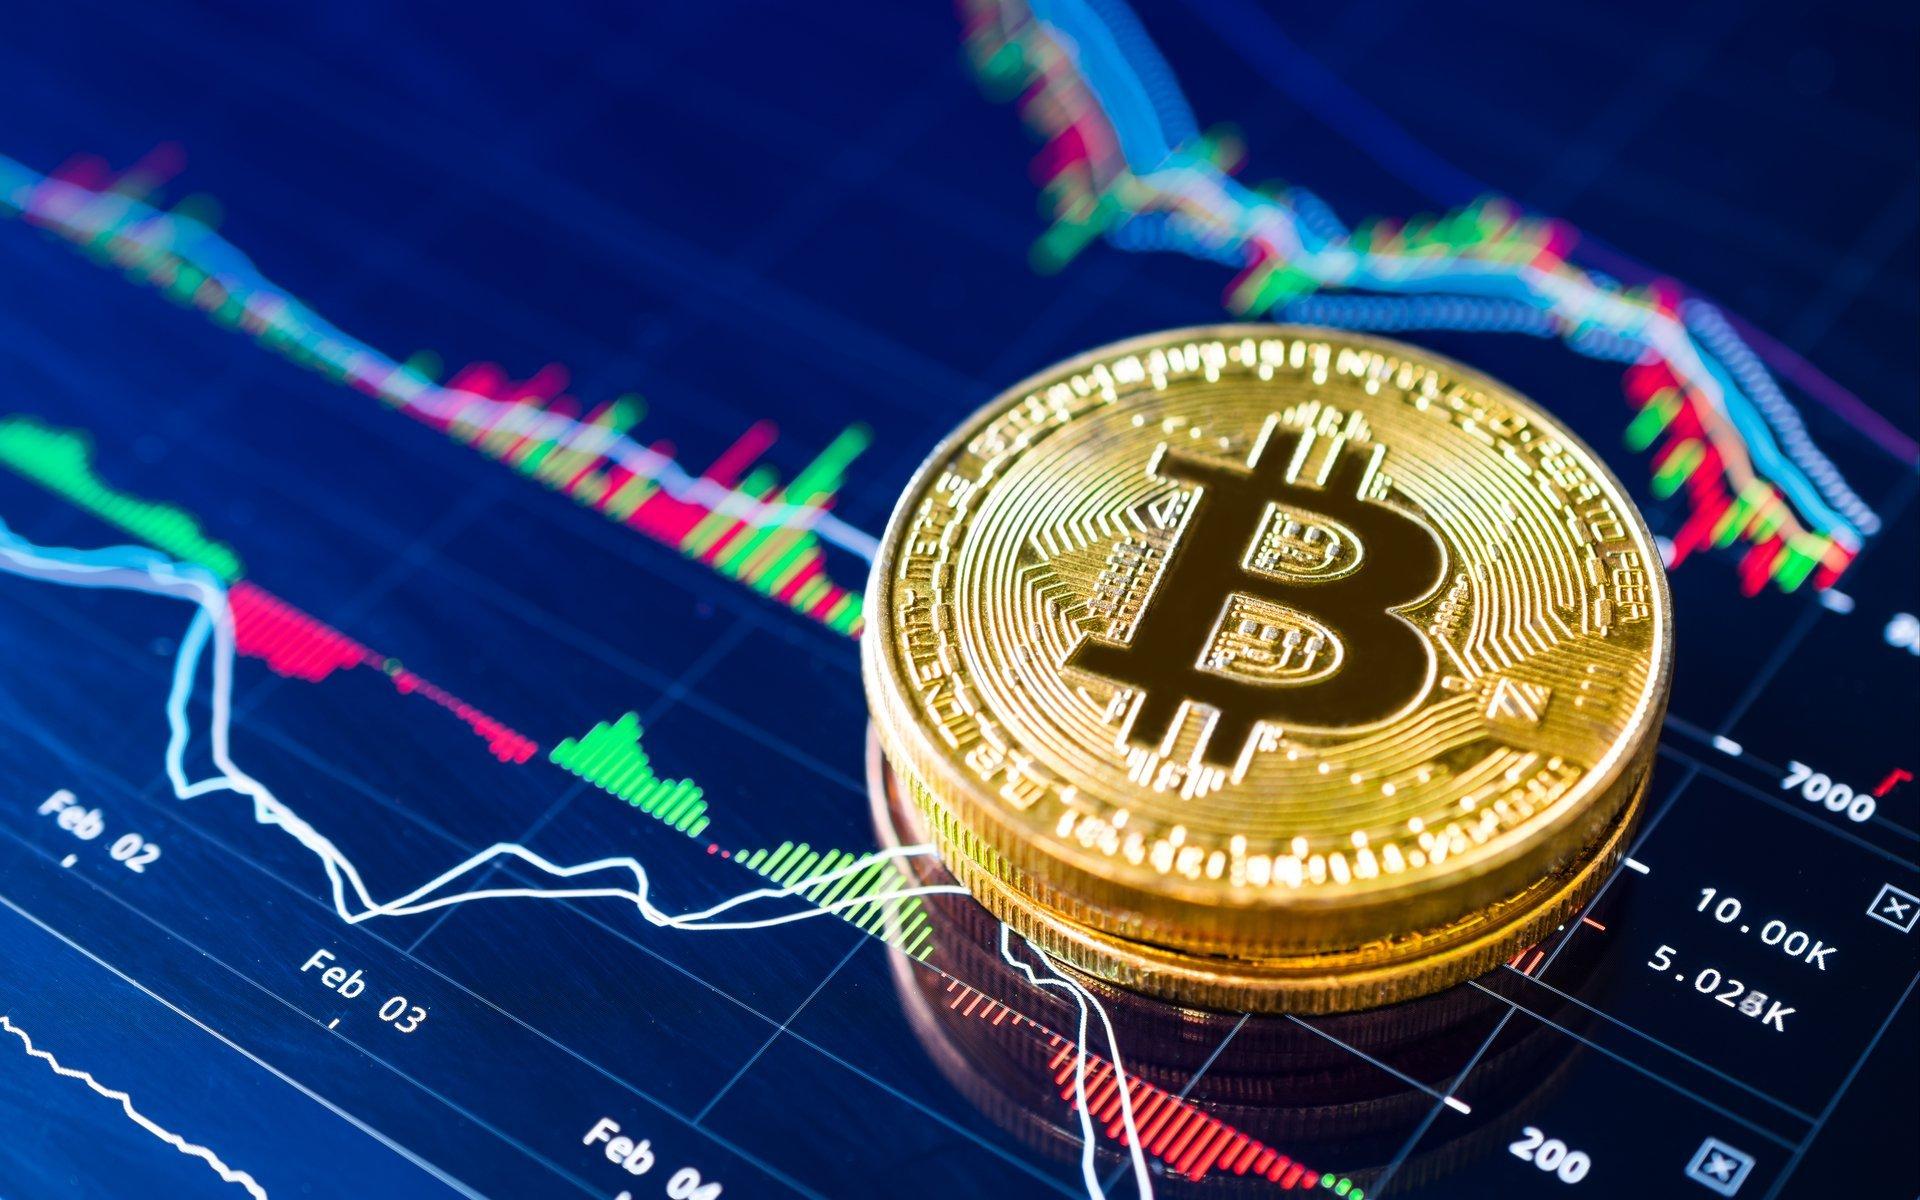 Bitcoin Yatırımcıları 2019'da Bu Tarihlere Dikkat Edin